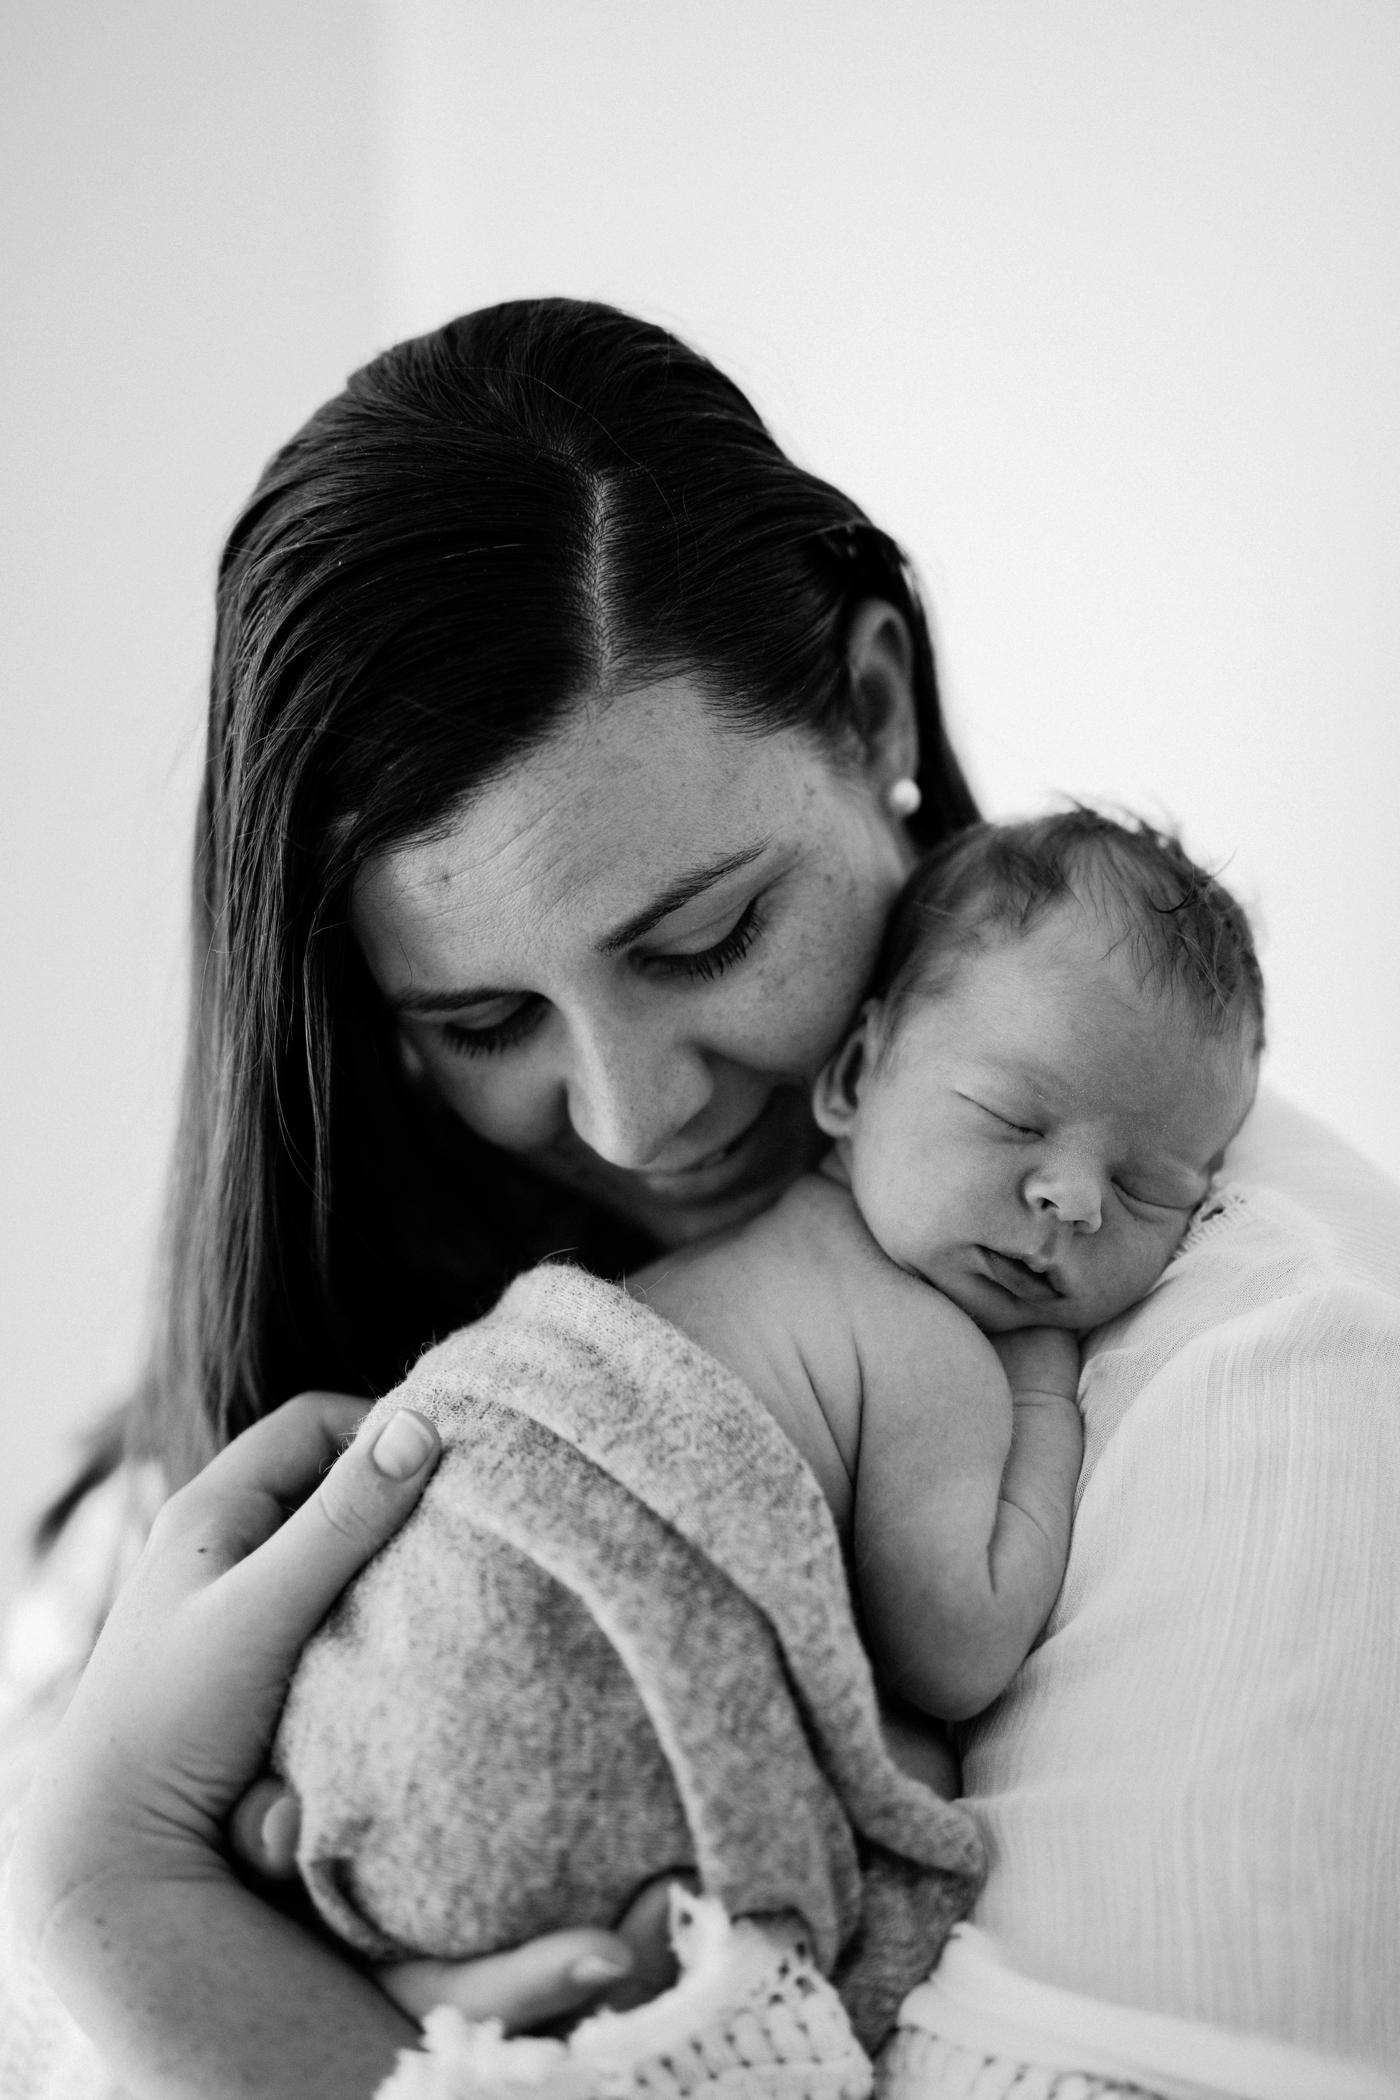 Baby Joshua - Natural newborn photography in Adelaide - Natural light newborn photography - Katherine Schultz - www.katherineschultzphotography.com_0023.jpg